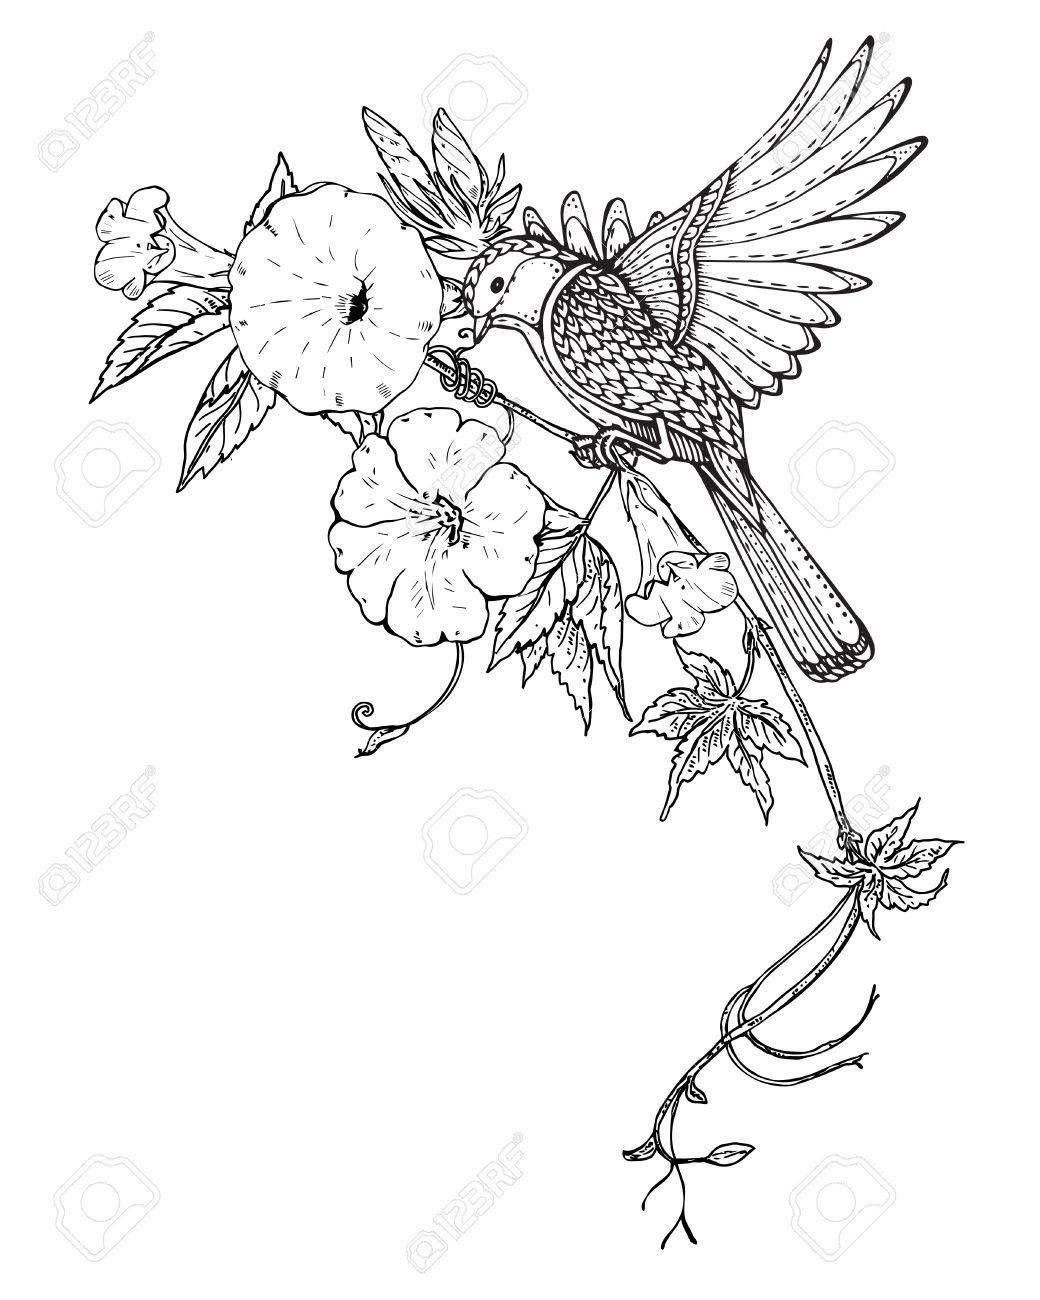 Ilustración Vectorial De Dibujado A Mano De Aves Gráfico En La Rama De La Flor De La Enredadera Imagen En Blanco Y Negro Por Un Libro De Colorear